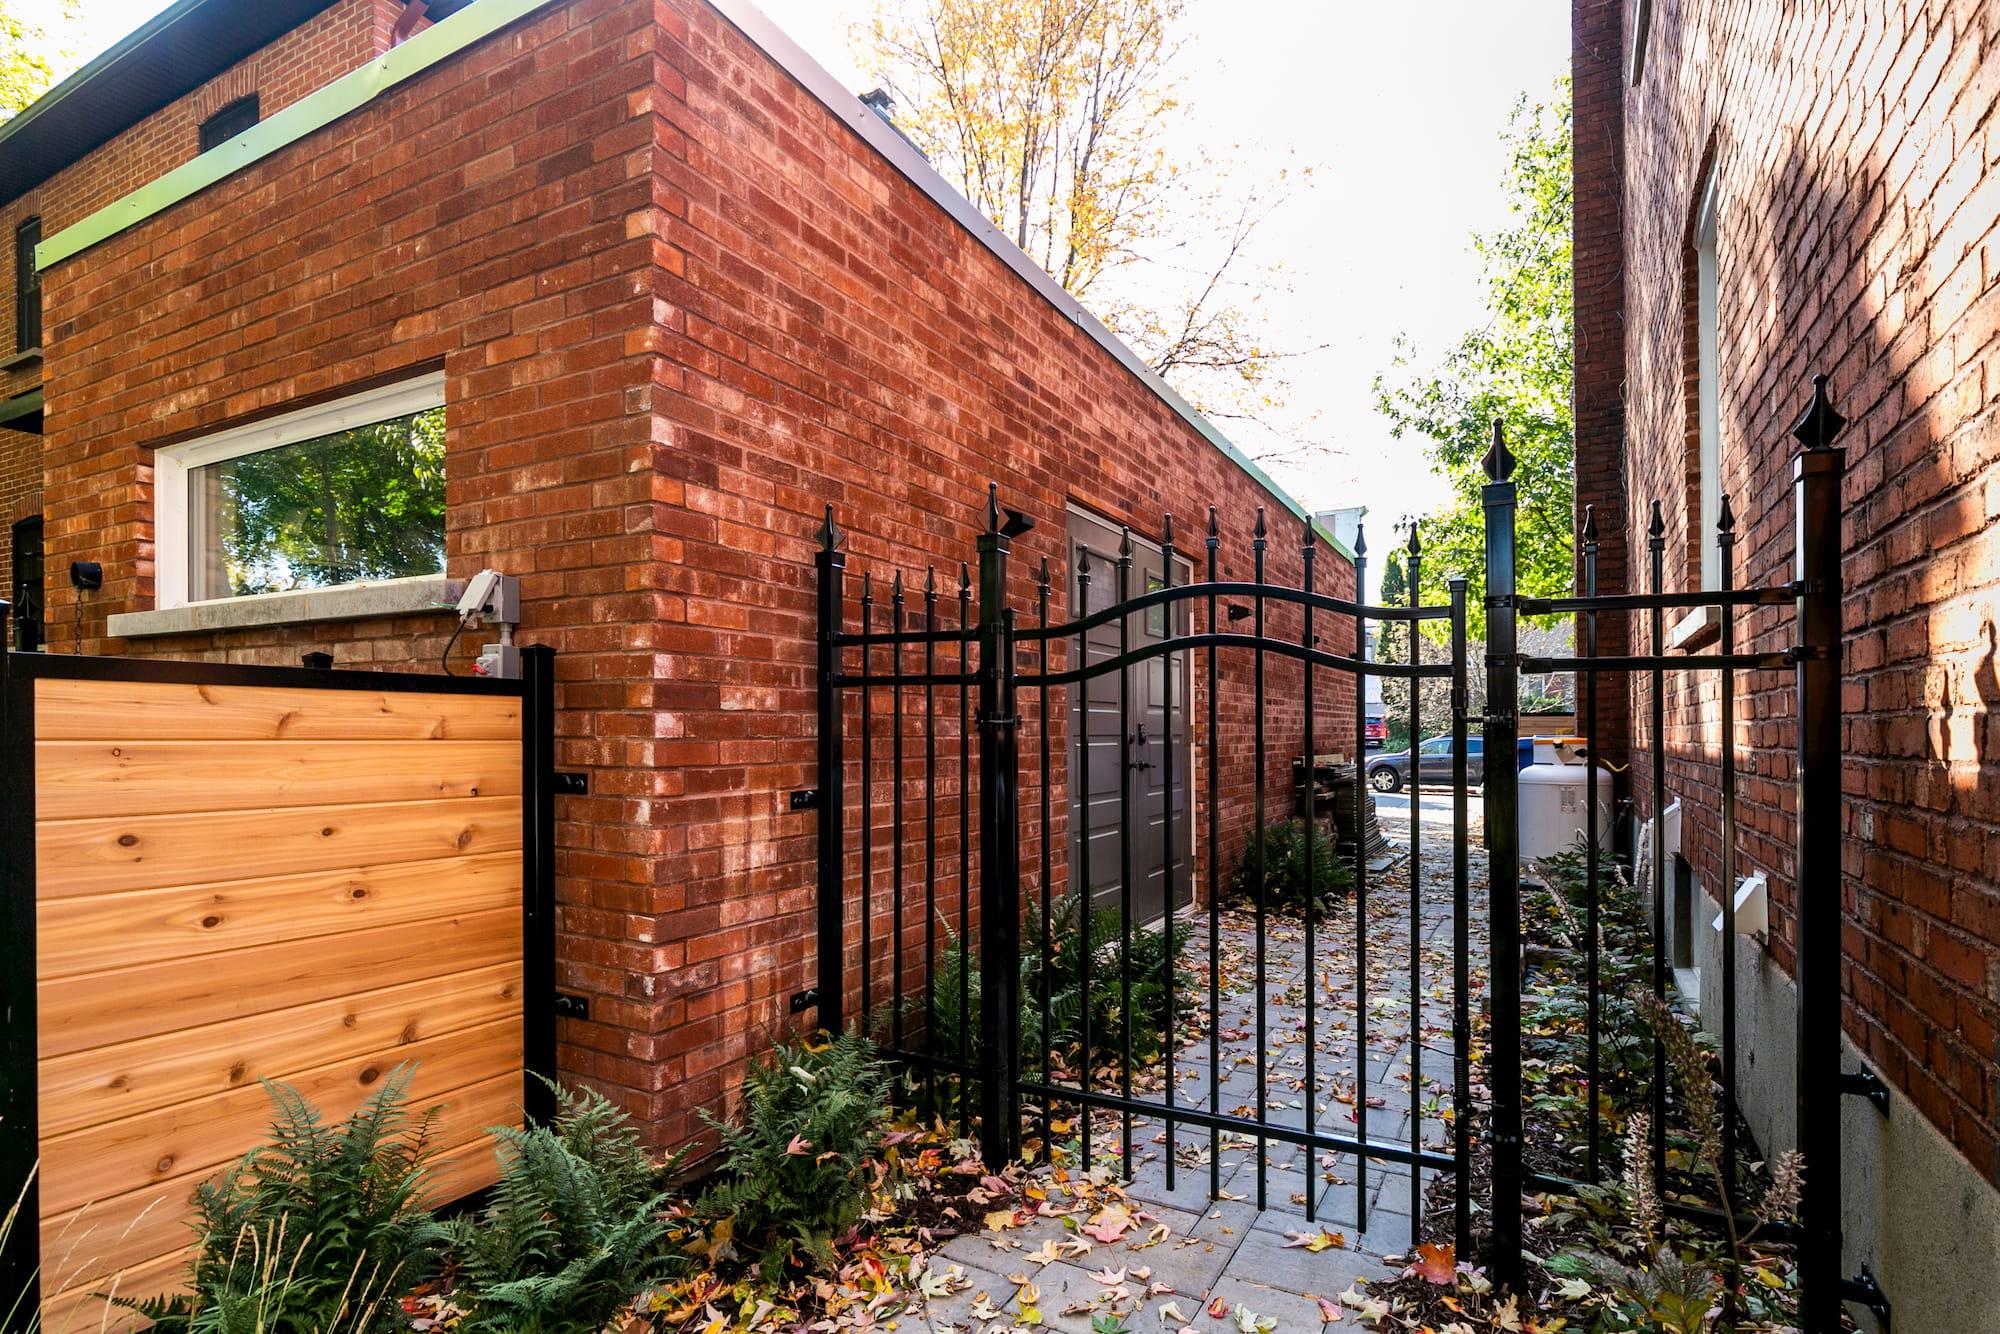 constructin de garage simple en brique rouge vue de côté avec clôture noire